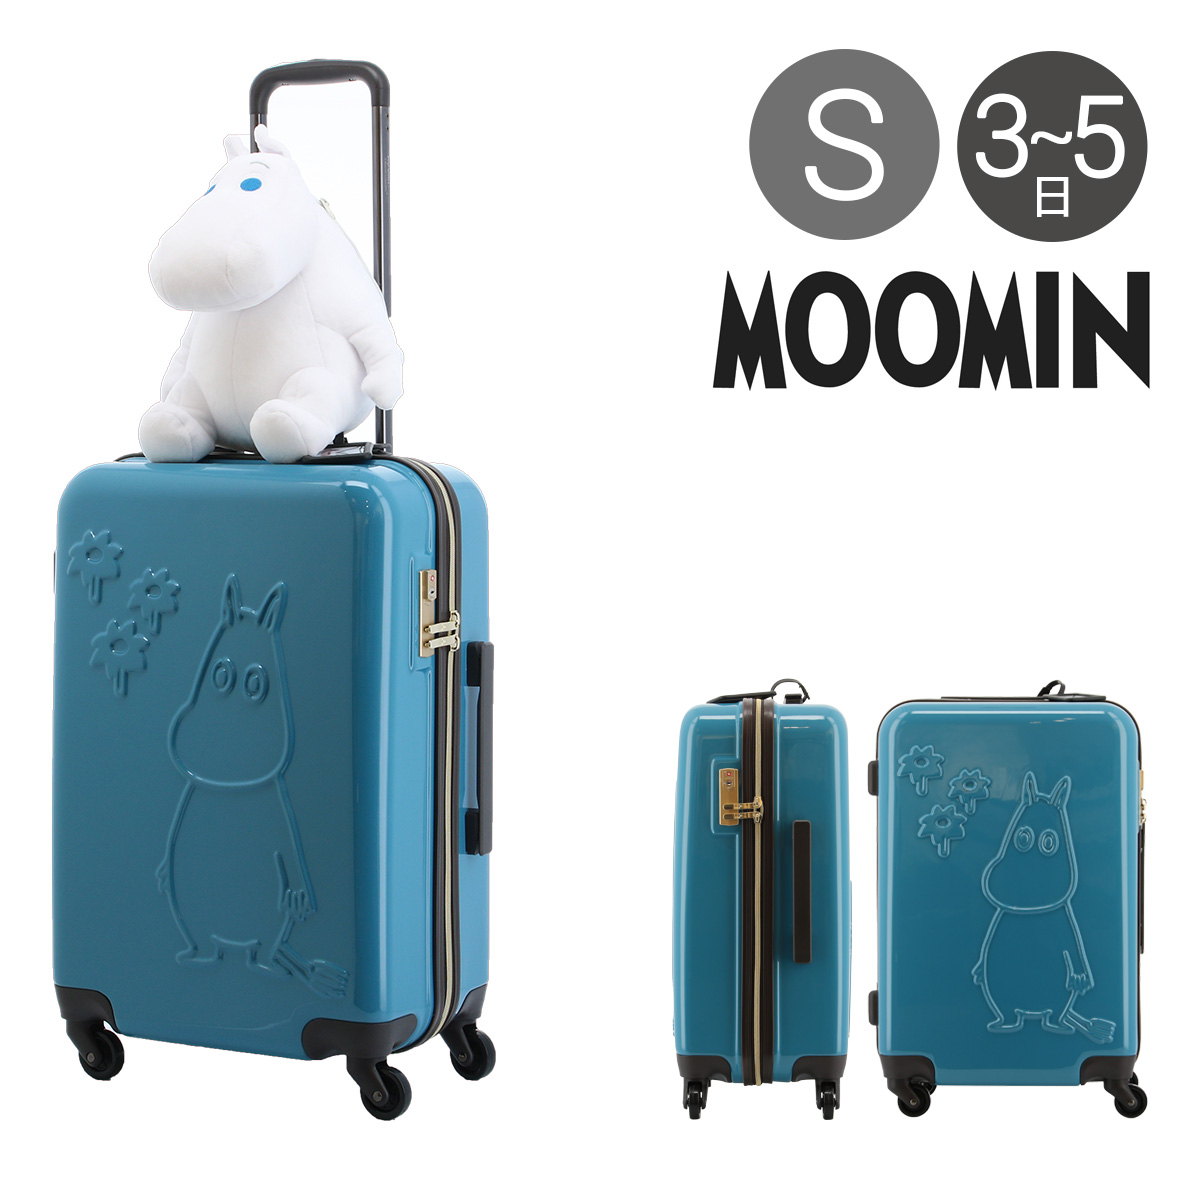 送料無料 あす楽 ムーミン スーツケース 44L 55.5cm 3.0kg レディース 驚きの値段で MM2-026 キャリーケース 即日発送 bef ネックピロー付き TSAロック搭載 ファスナー MOOMIN ぬいぐるみ ハード 日時指定